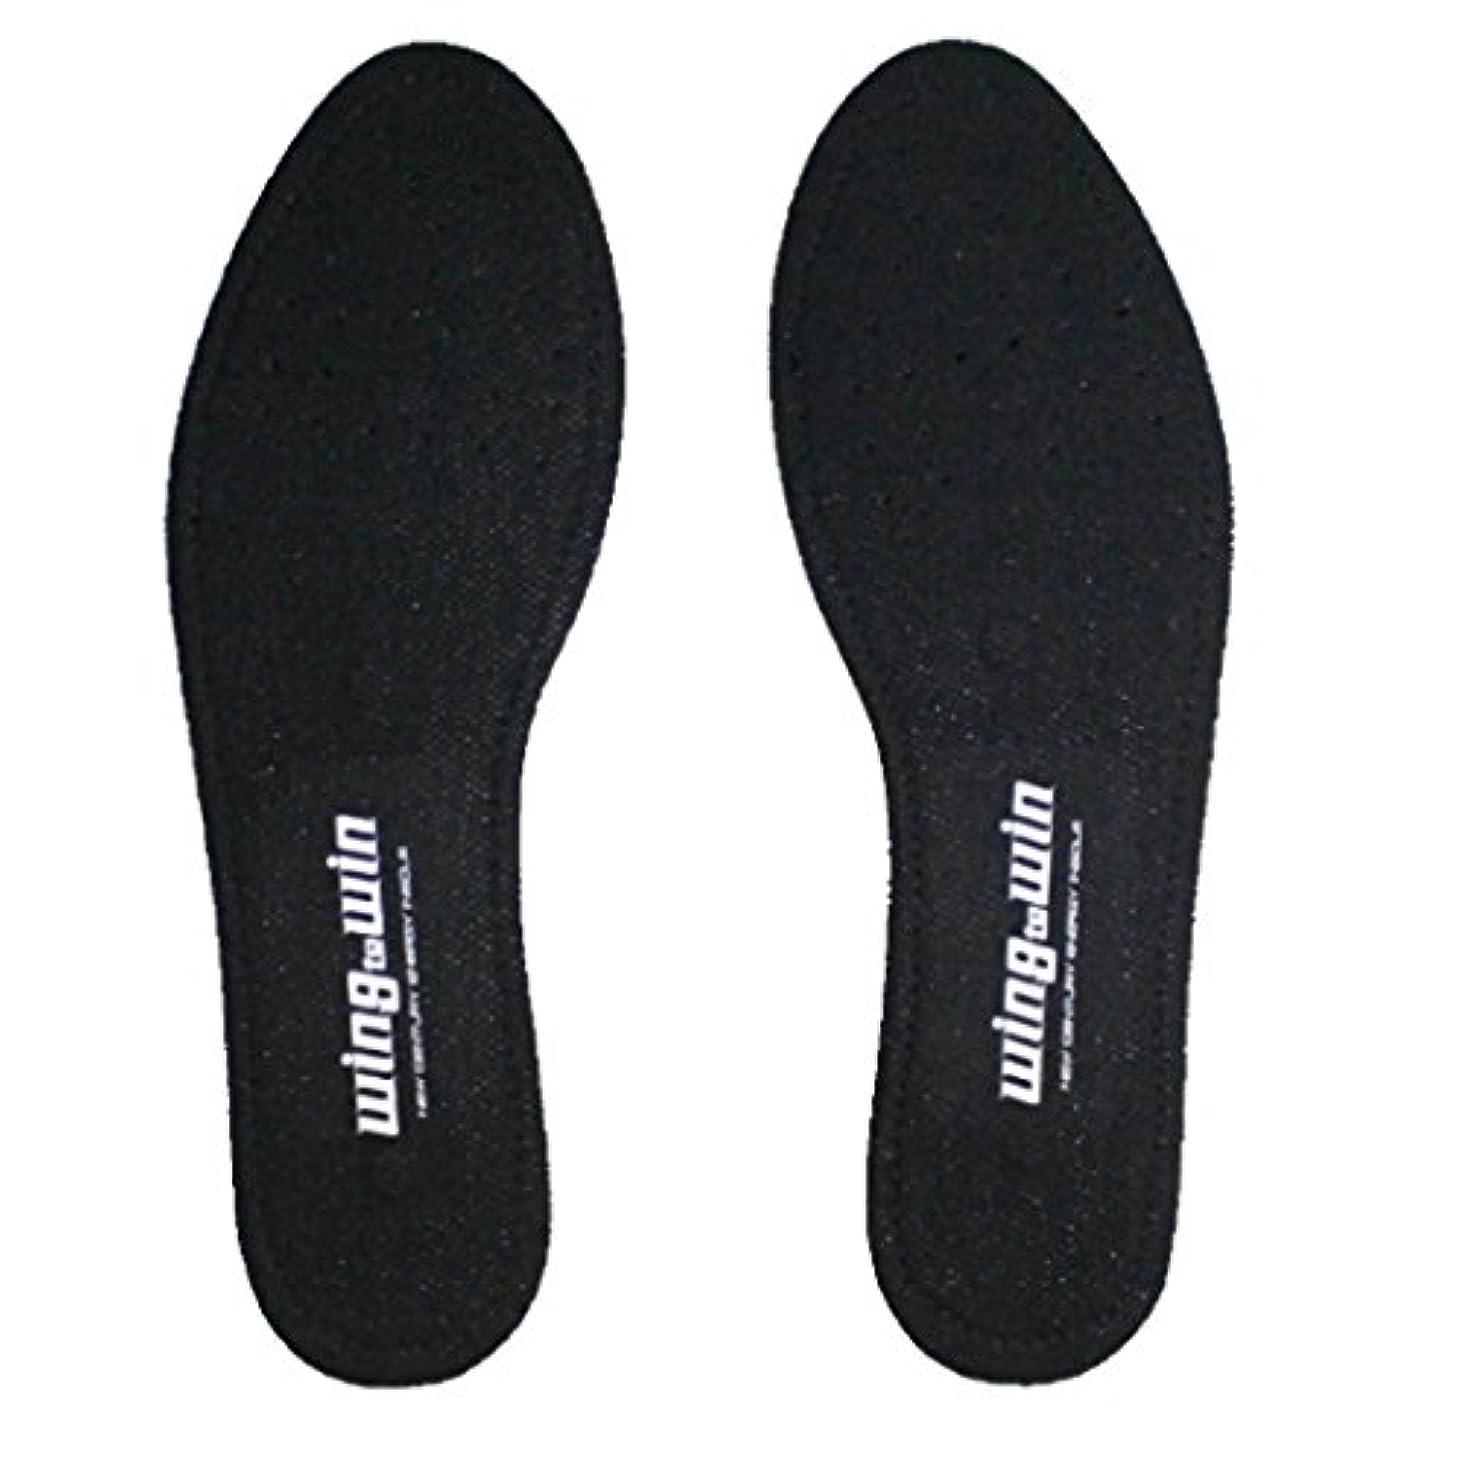 ナプキン侵略ビザTQインソール ハードタイプ Lサイズ 足への負担を軽減 全身のバランスがとれ、人生の歩みが変わる (L)